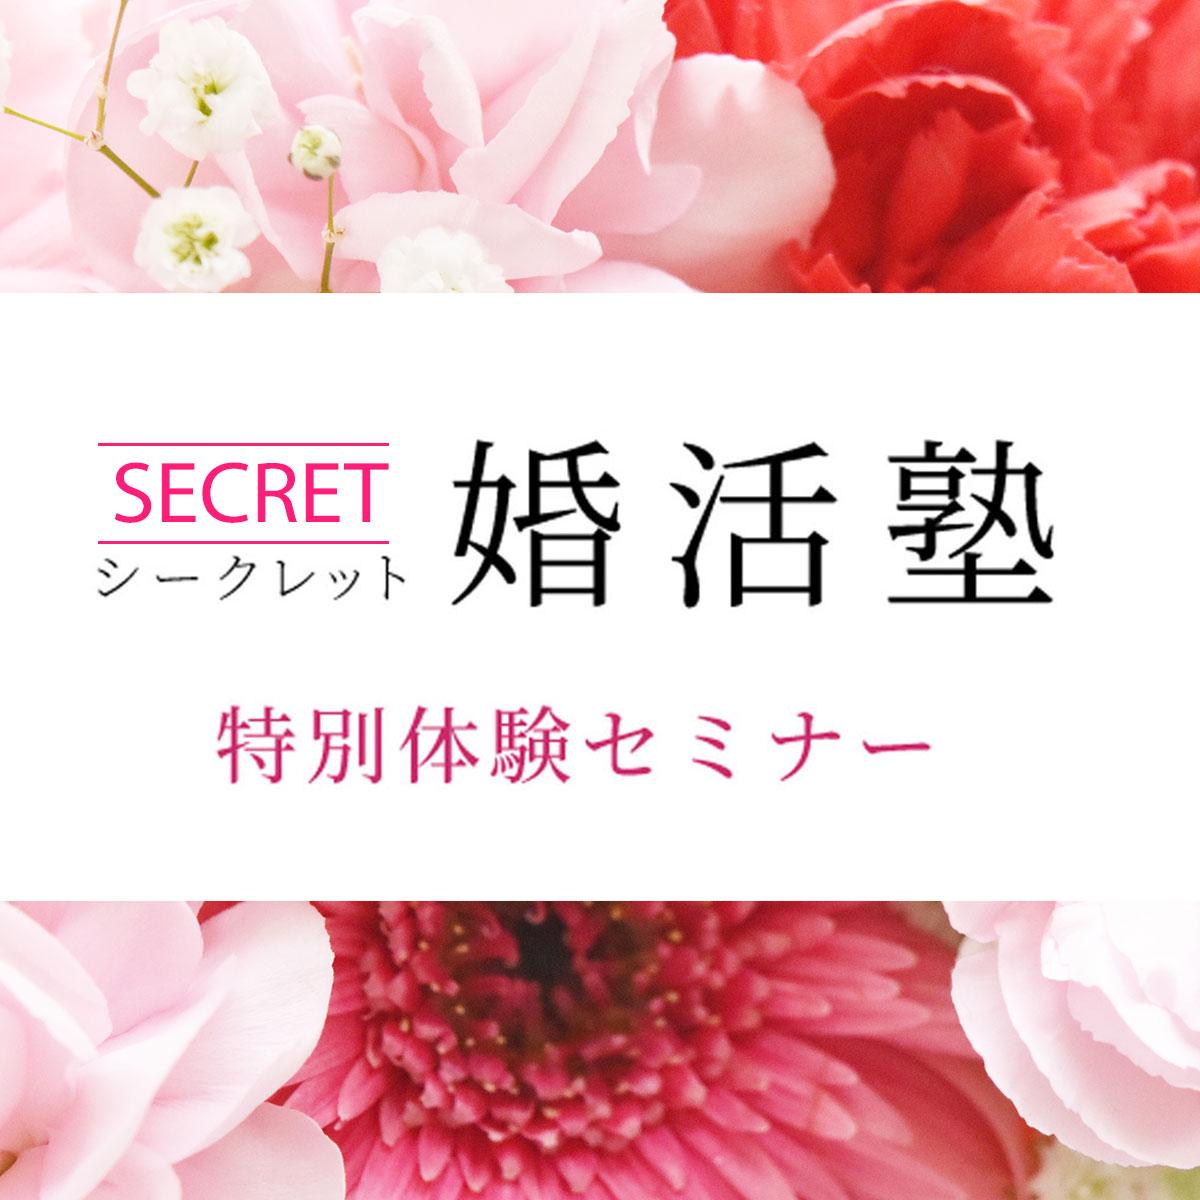 井上敬一のシークレット婚活塾特別体験セミナー